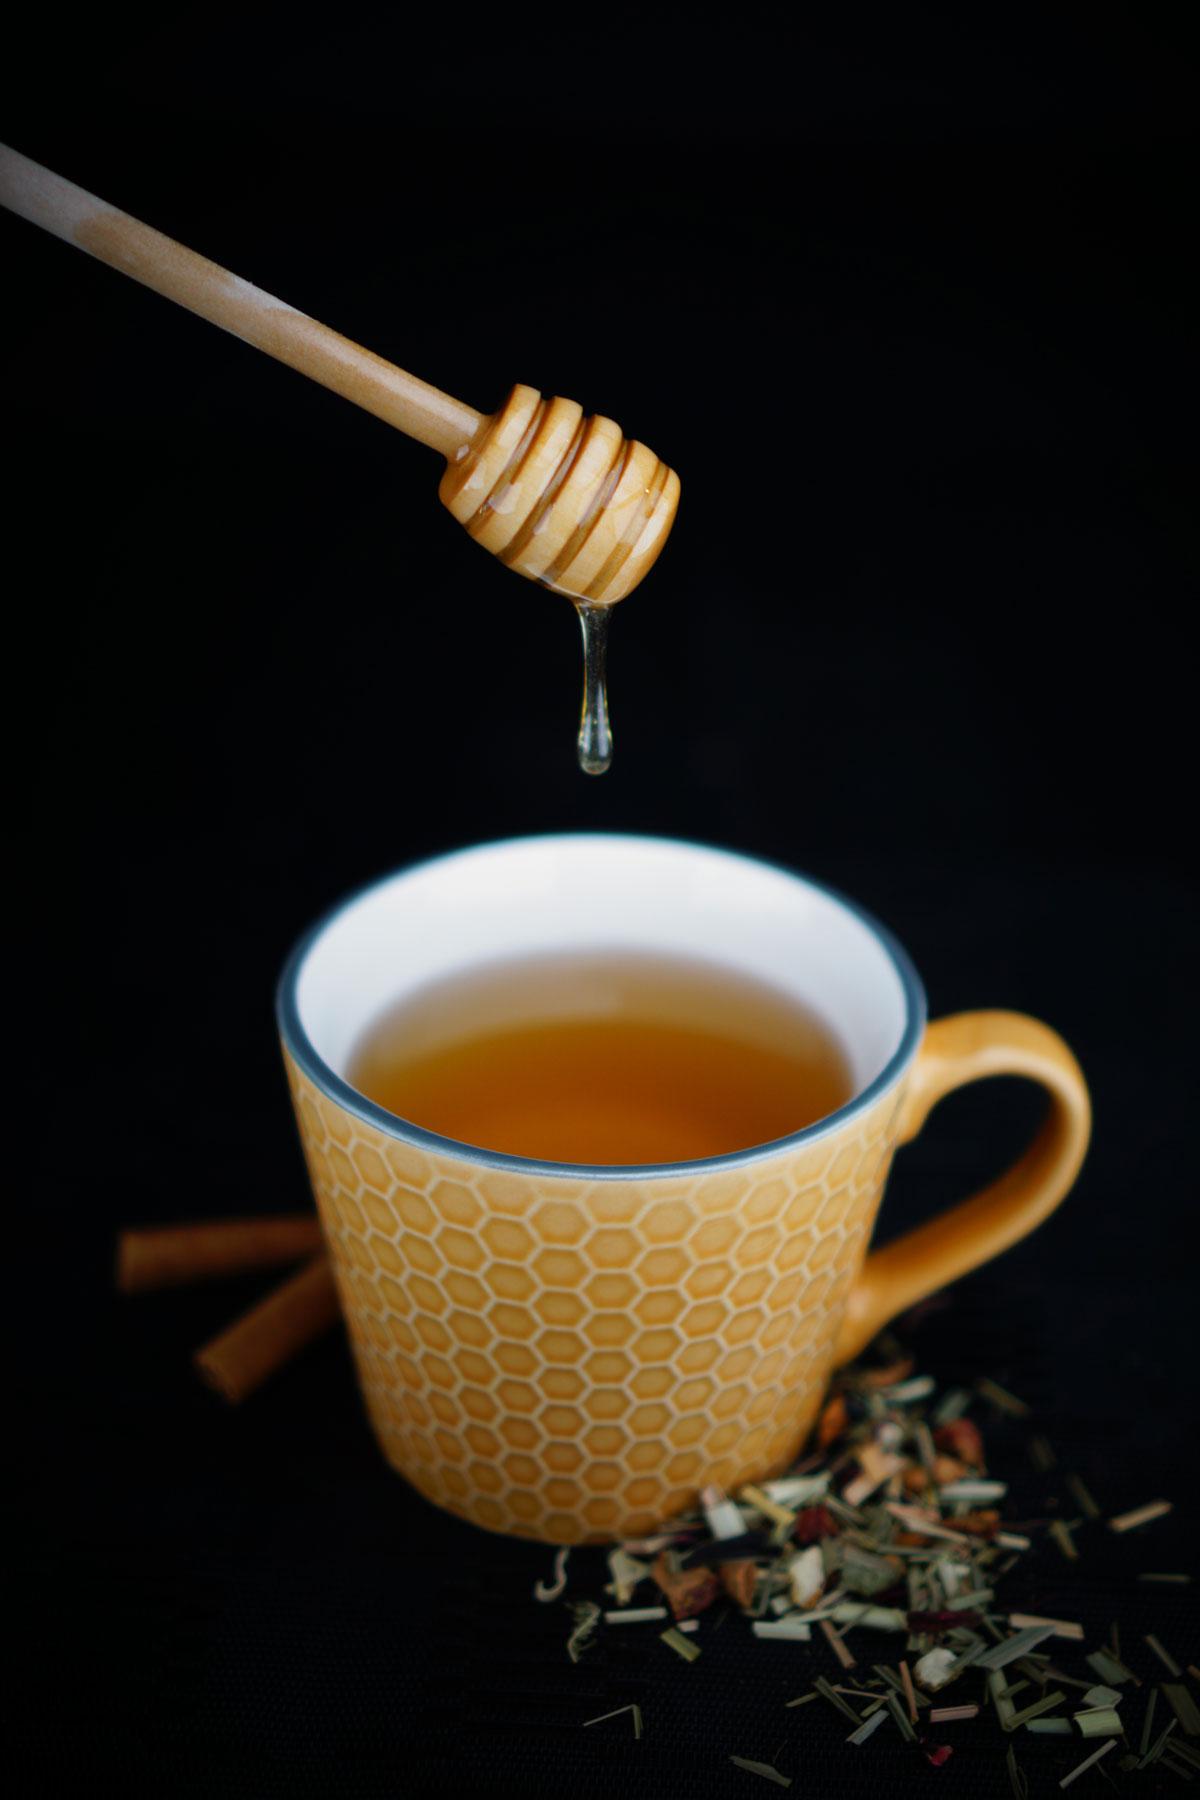 Une infusion de bien-être. - Le thé a été utilisé en tant que remède médical pour soigner les maladies depuis déjà bien longtemps! Si vous avez besoin d'une cure de détoxification, ou si vous avez des symptômes spécifiques à traiter : prenez le temps pour vous faire une infusion bien-être OTeas. Enfin, le thé est toujours un bon remède pour se soigner.